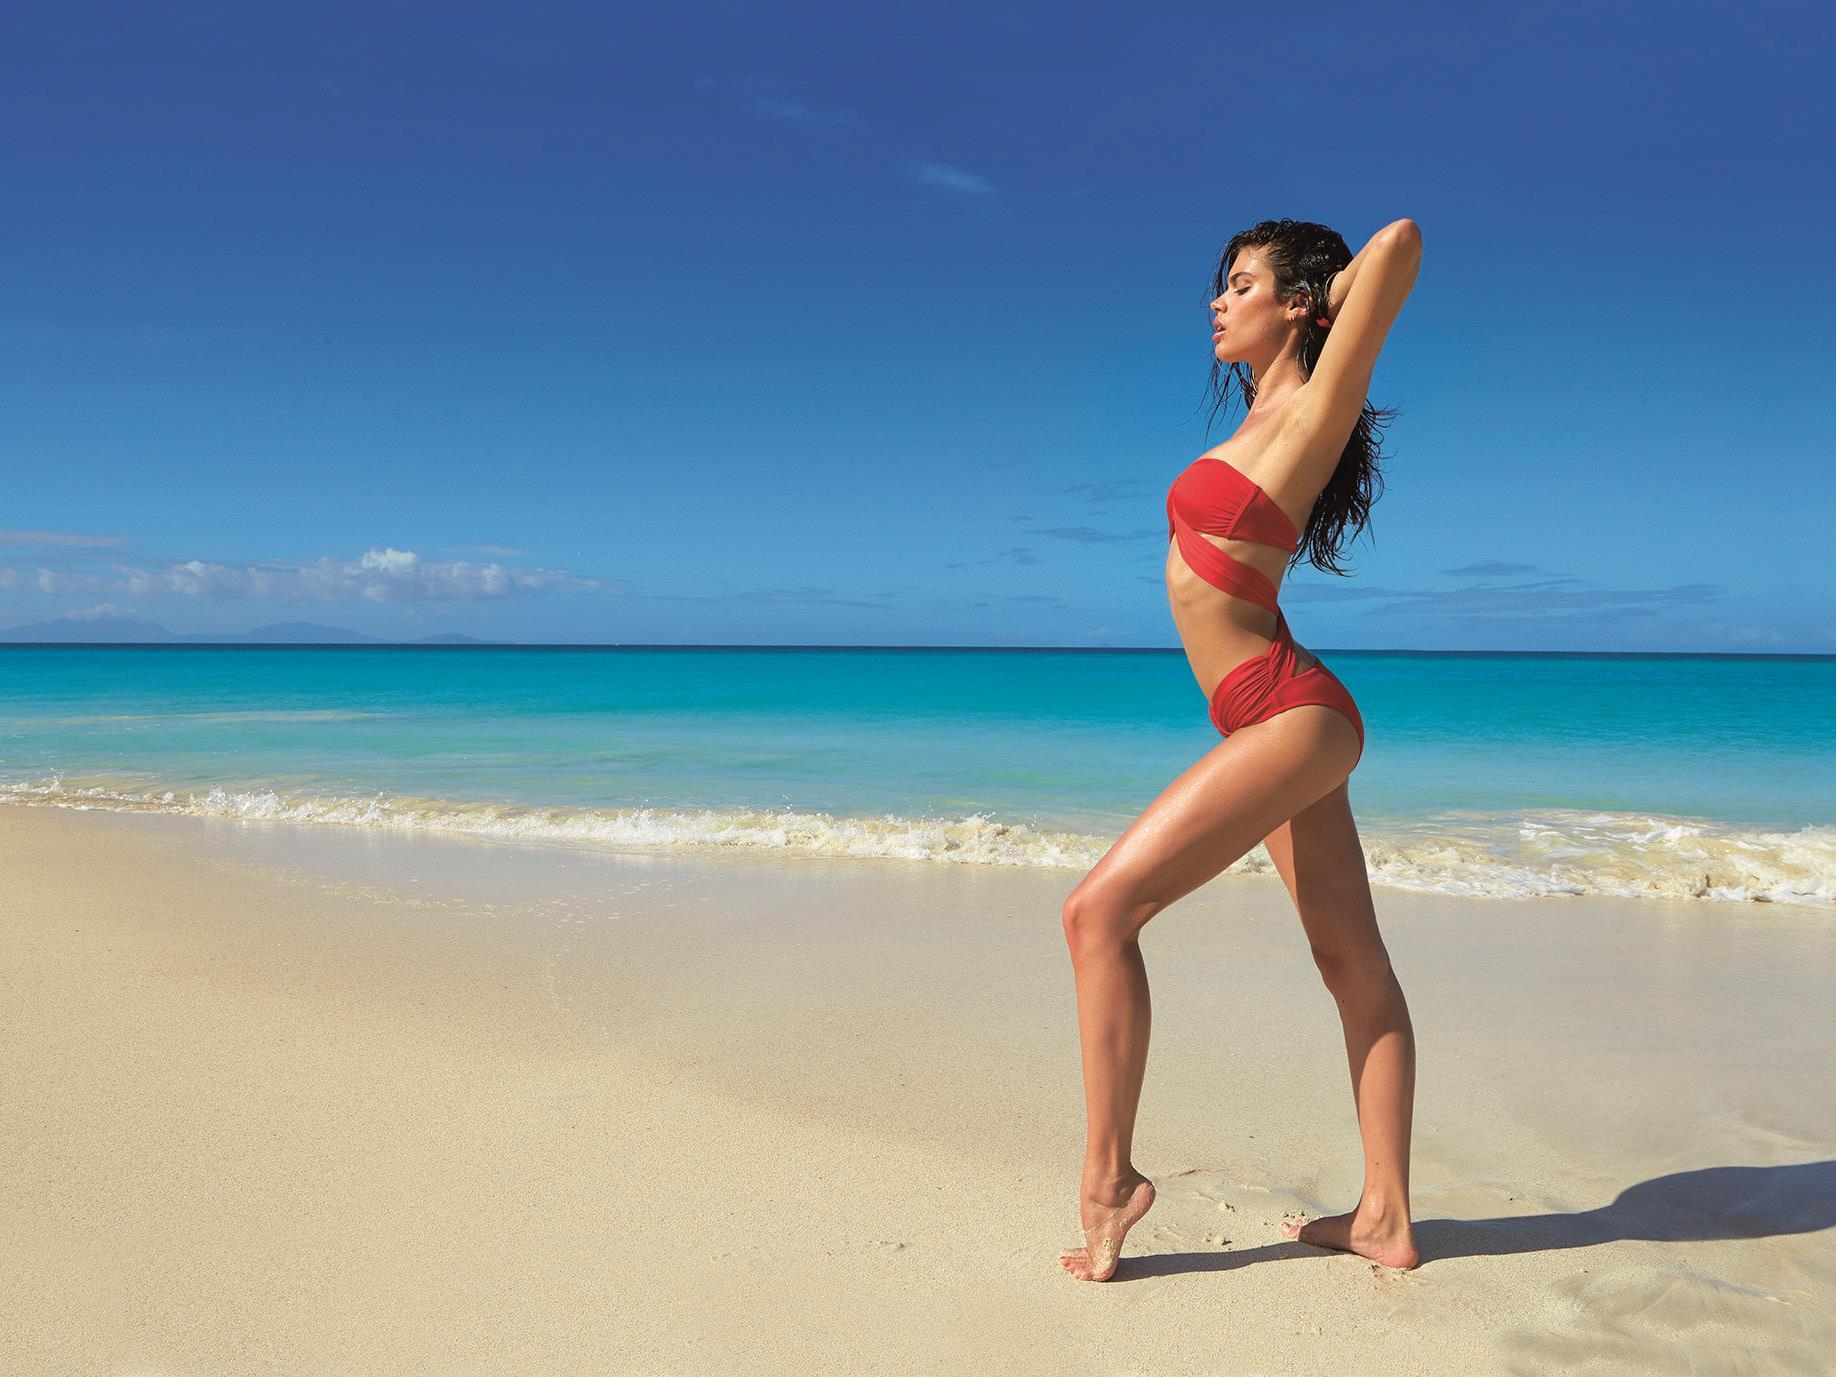 Einige der Bikini-Trends im kommenden Sommer.